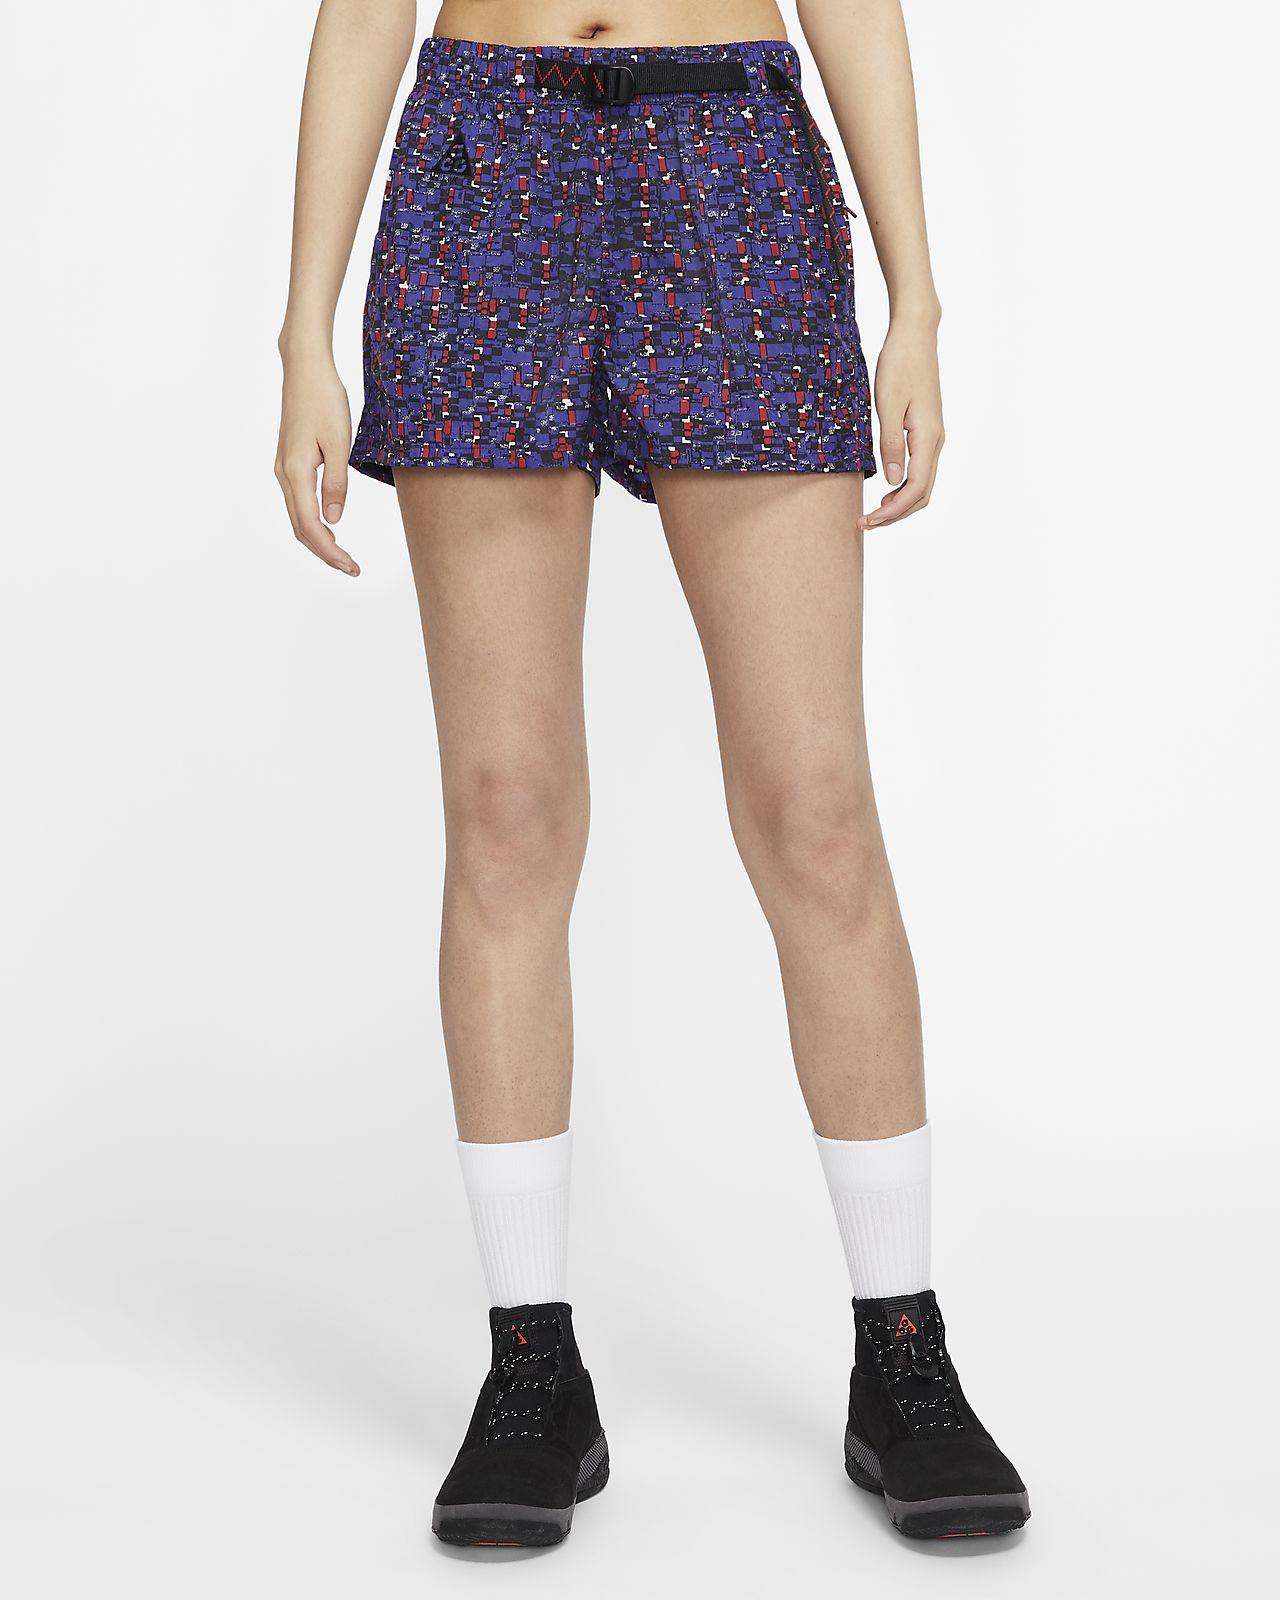 Nike ACG Women's Woven Print Shorts